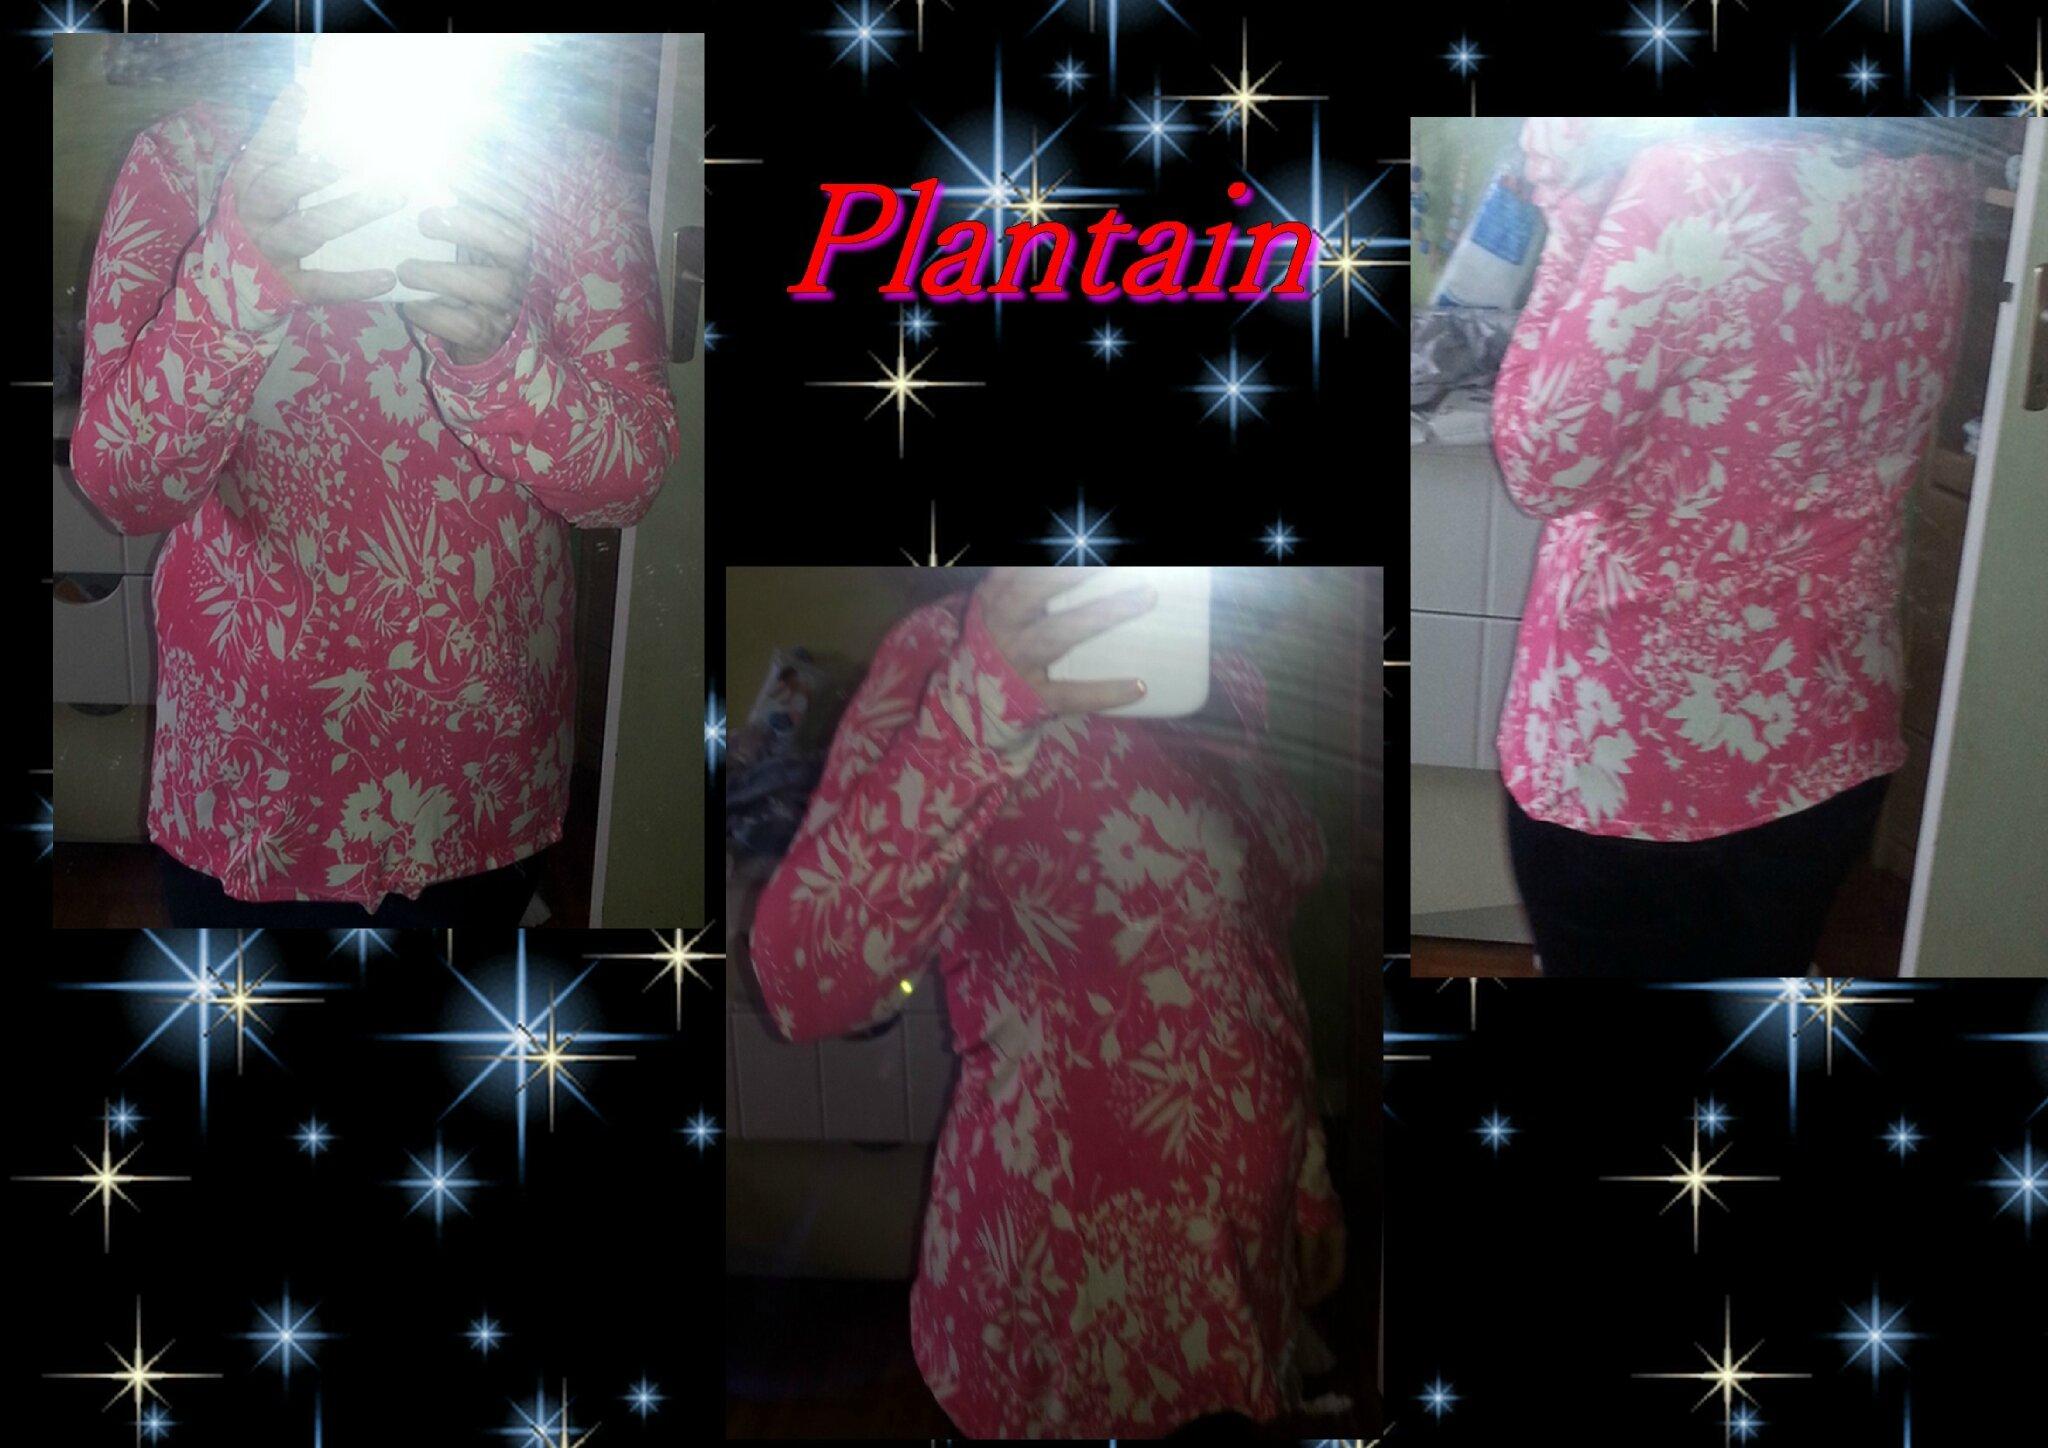 Tee shirt Plantain